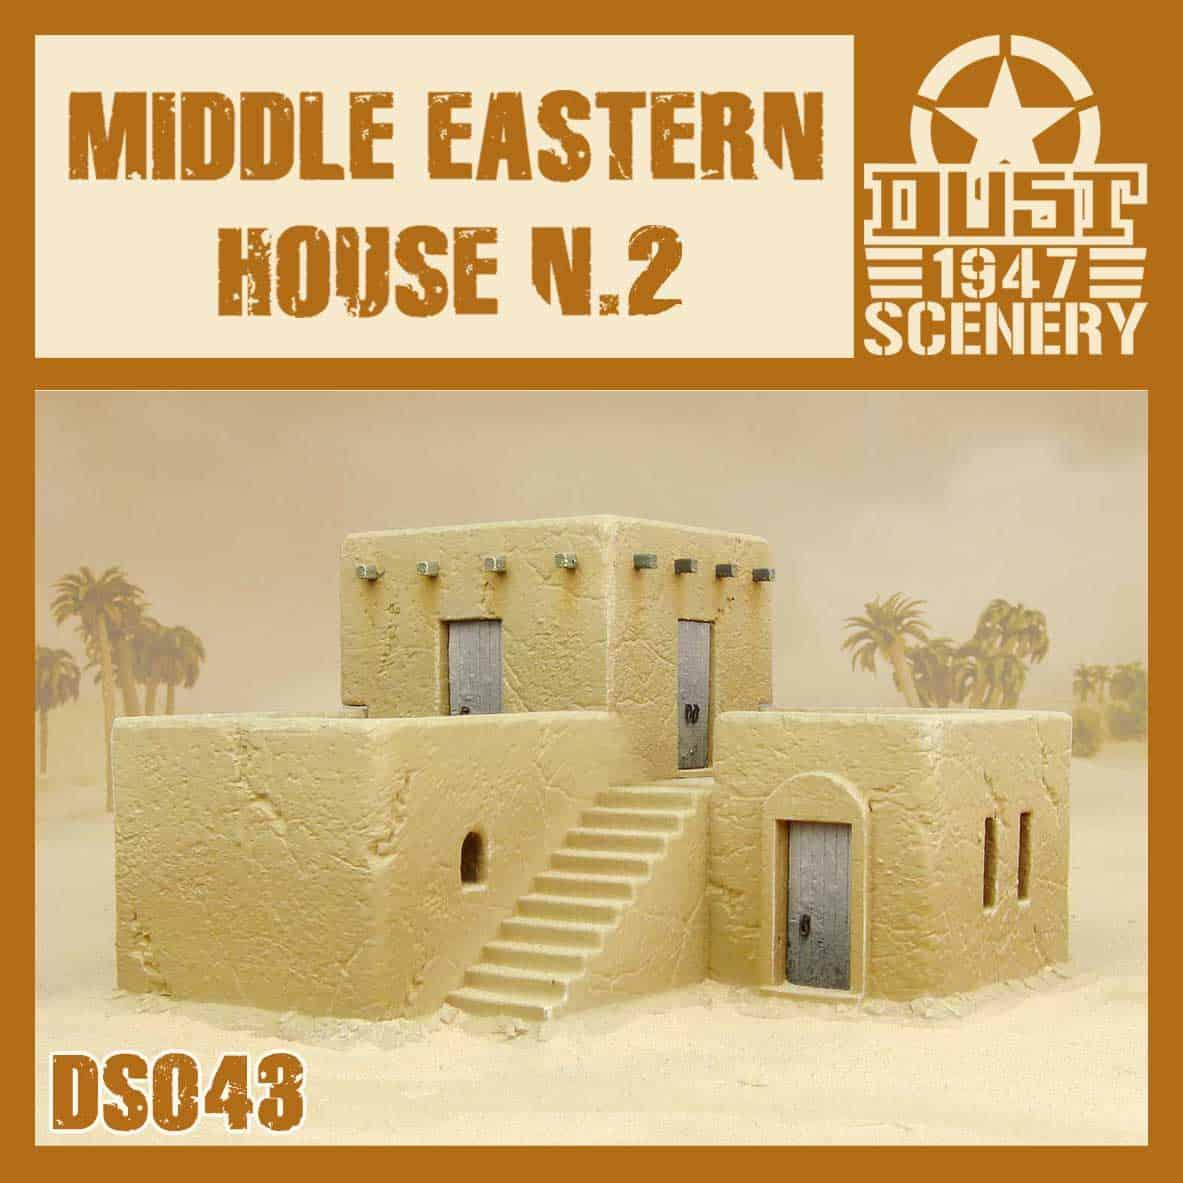 Pustynny Dom #2